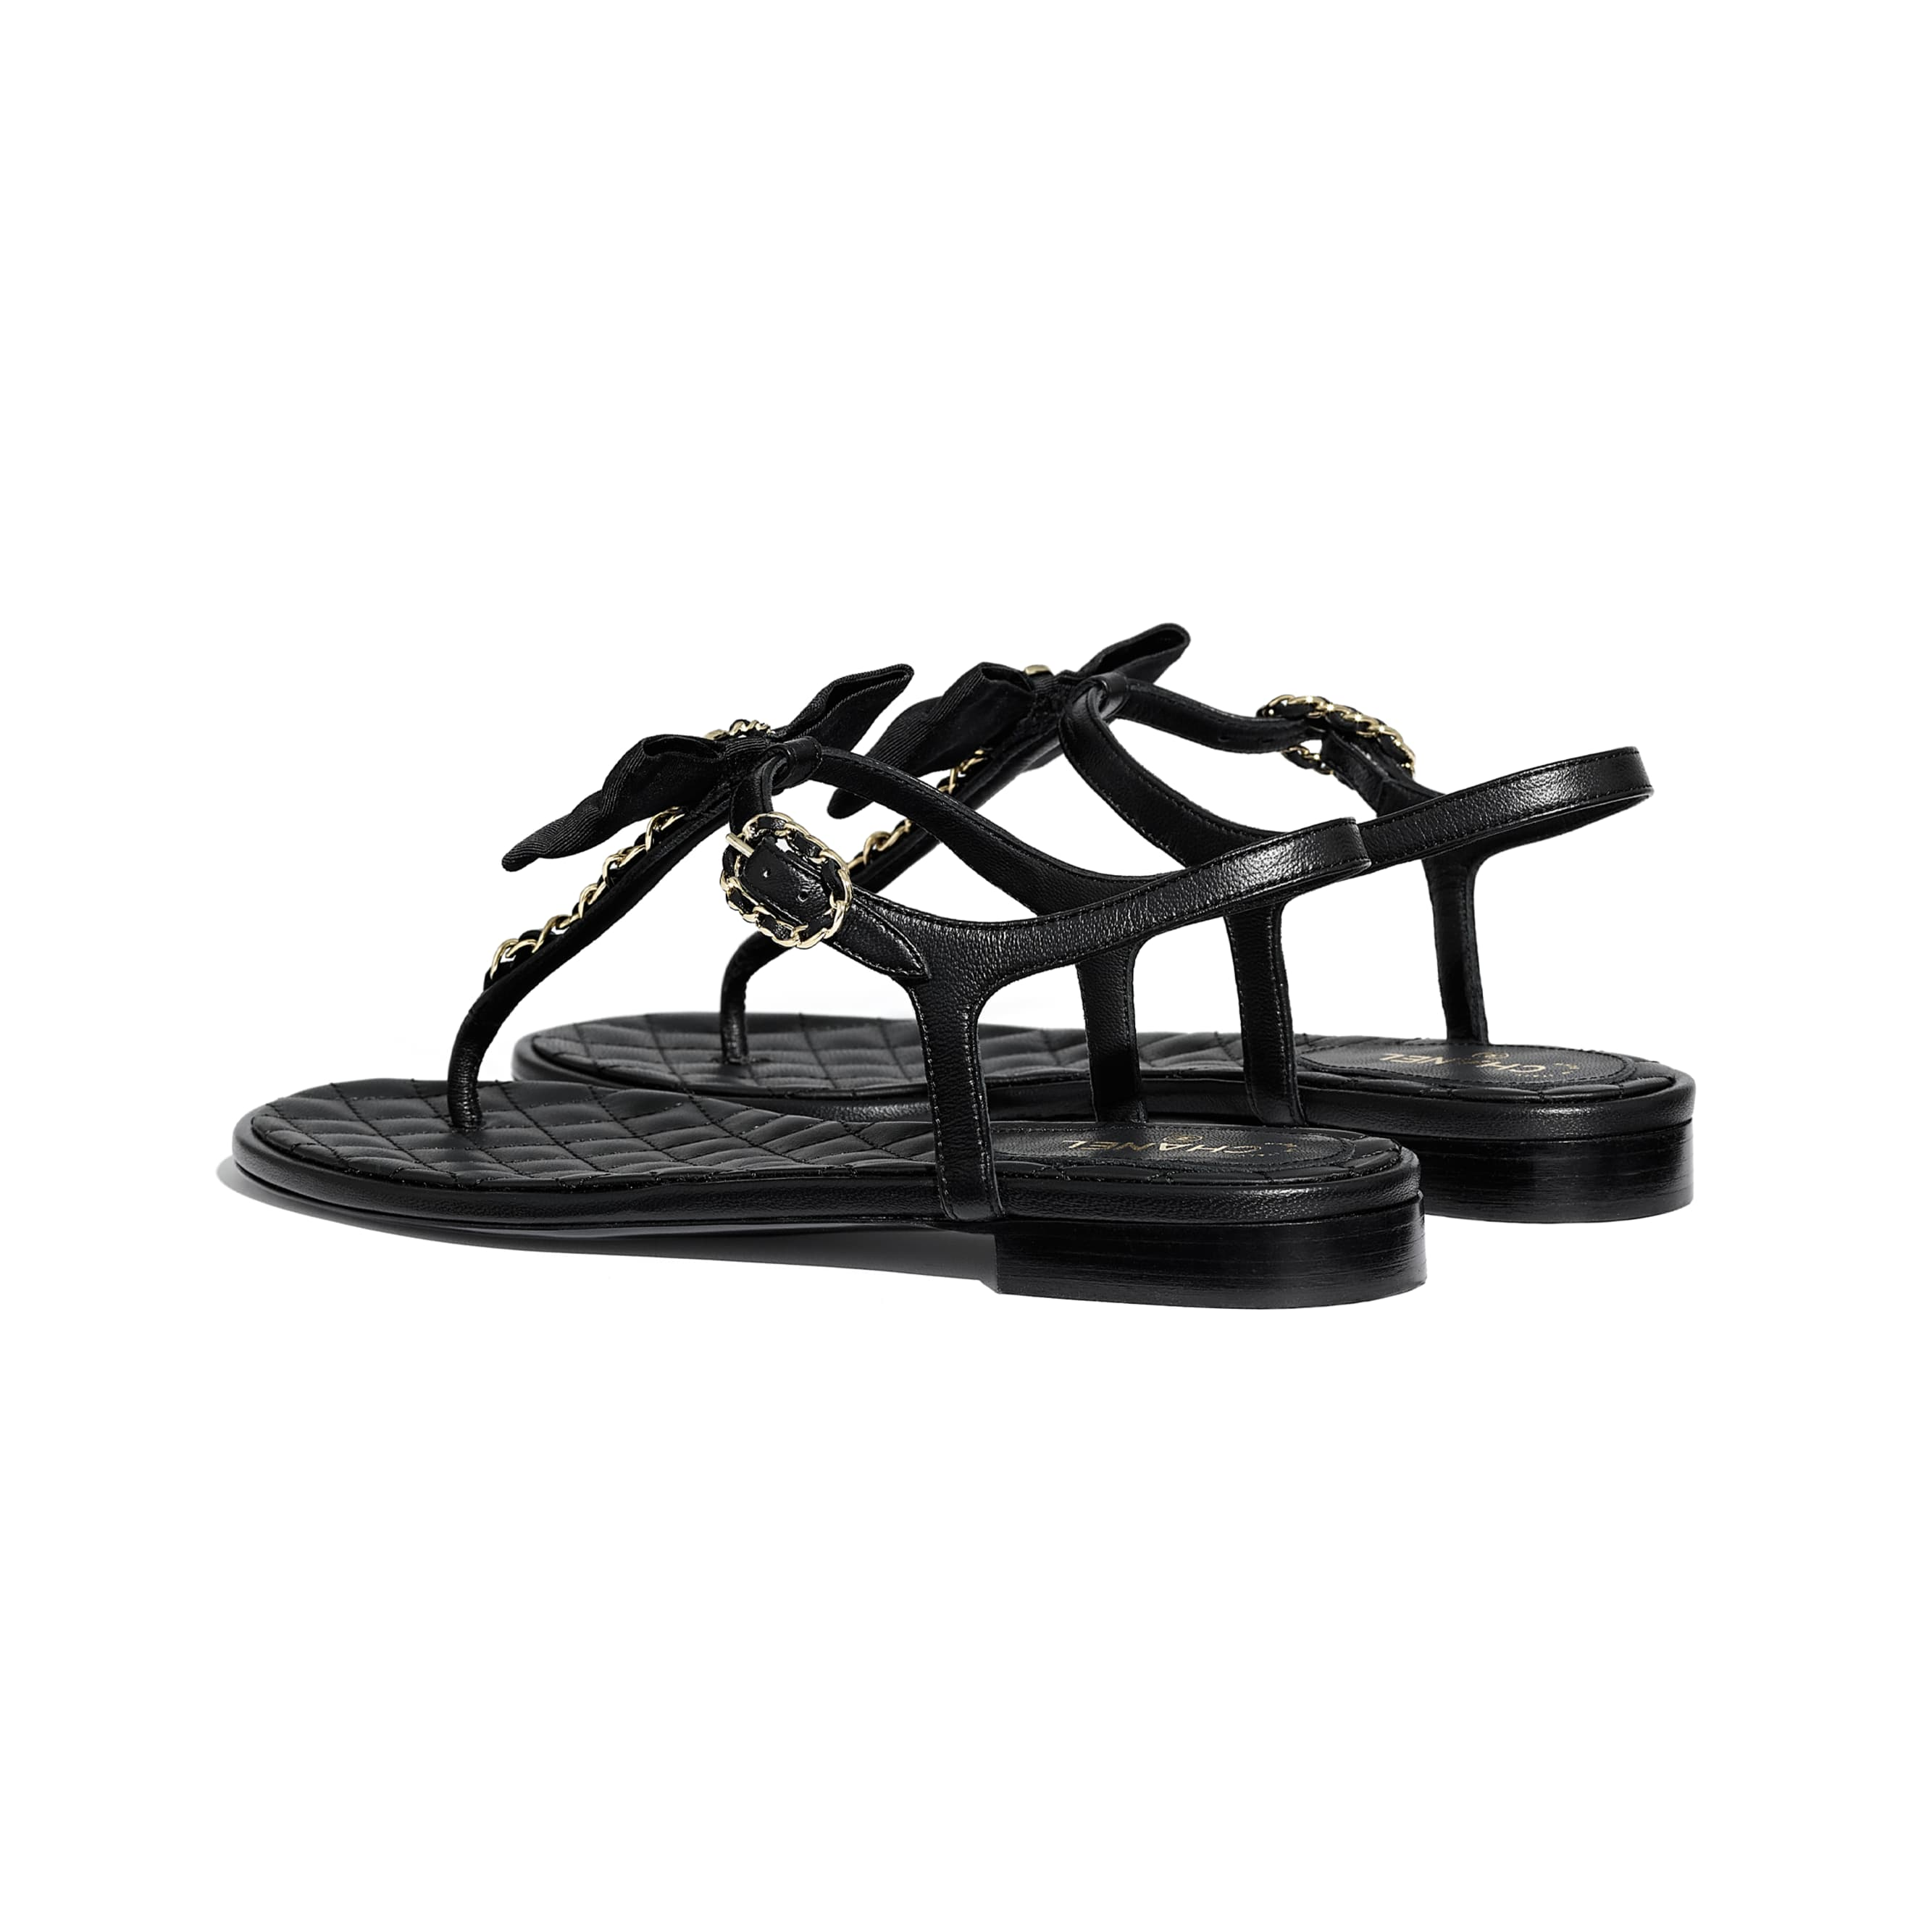 Sandálias - Black - Lambskin - CHANEL - Outra vista - ver a versão em tamanho standard